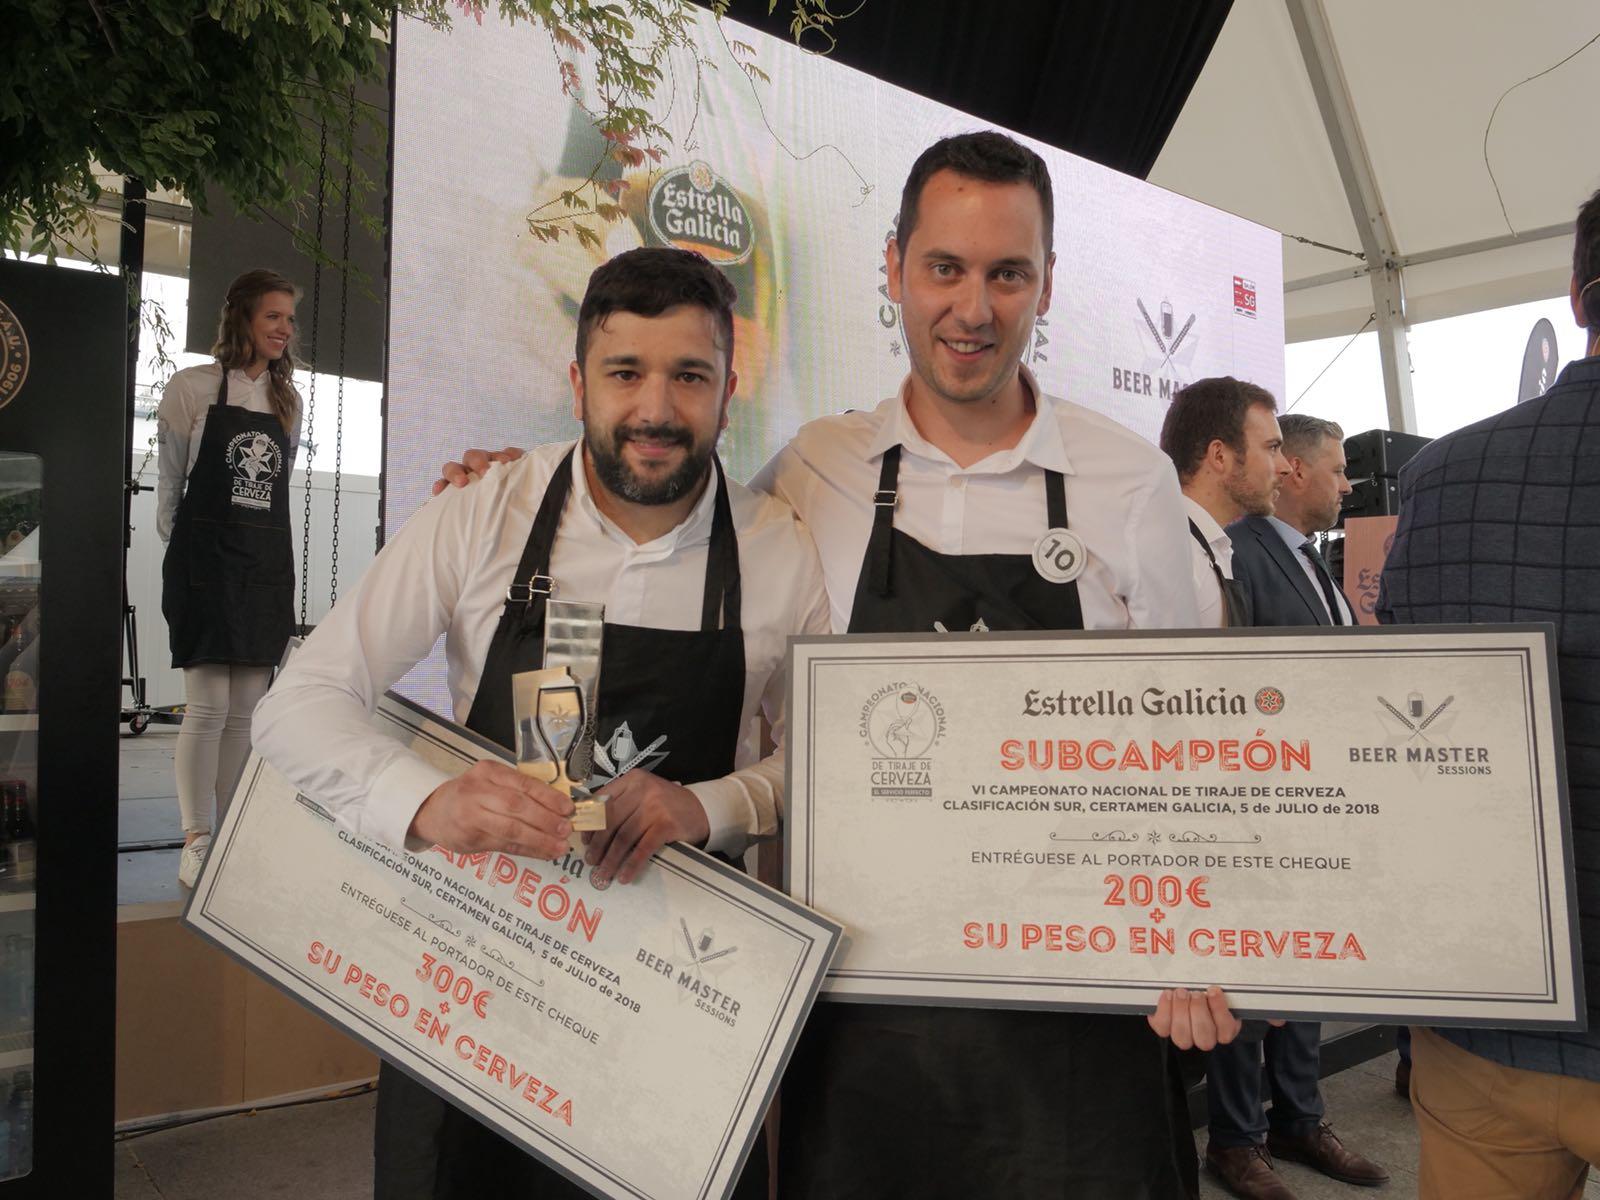 Campeón y subcampeón - Campeonato de Tiraje de Cerveza Estrella Galicia Certamen Galicia Sur